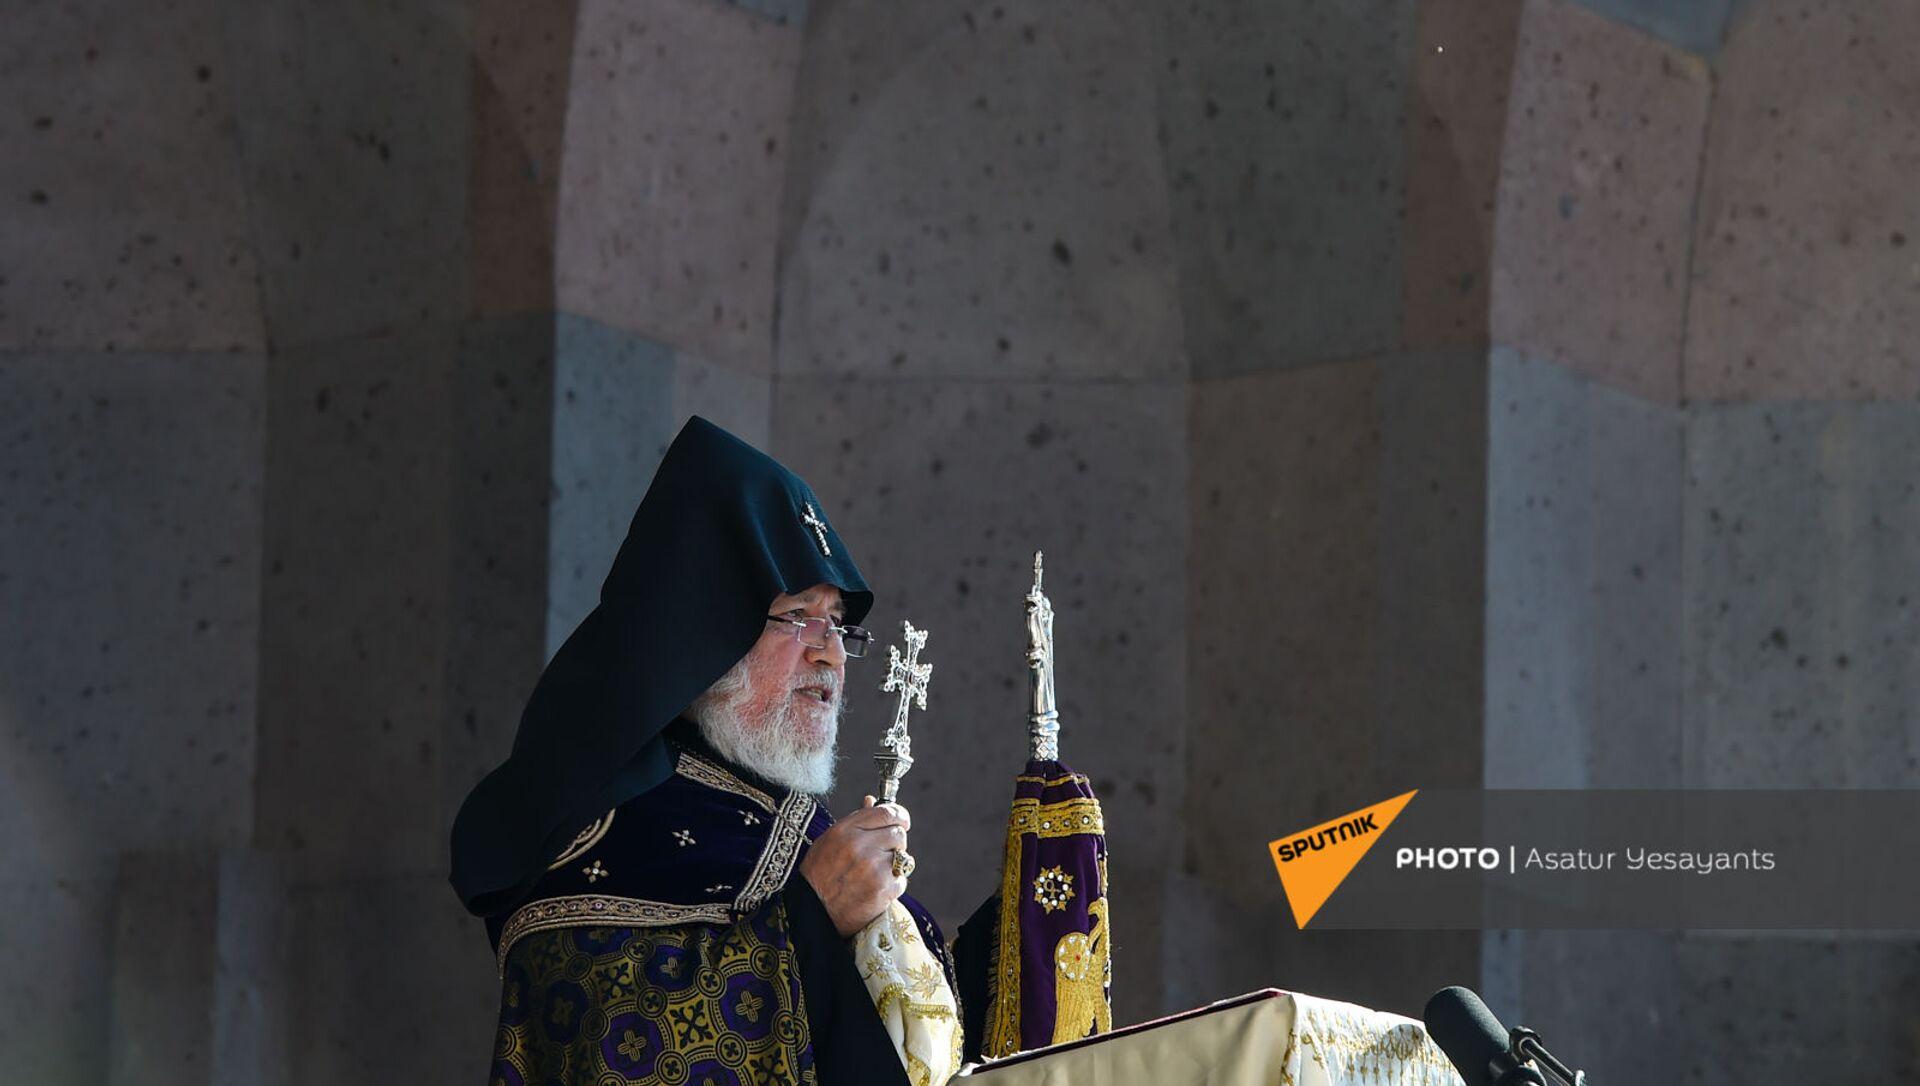 Католикос Гарегин II проводит поминальную службу в память о павших в карабахской войне героях в Первопрестольном Святом Эчмиадзине (22 ноября 2020). Эчмиадзин - Sputnik Արմենիա, 1920, 02.09.2021